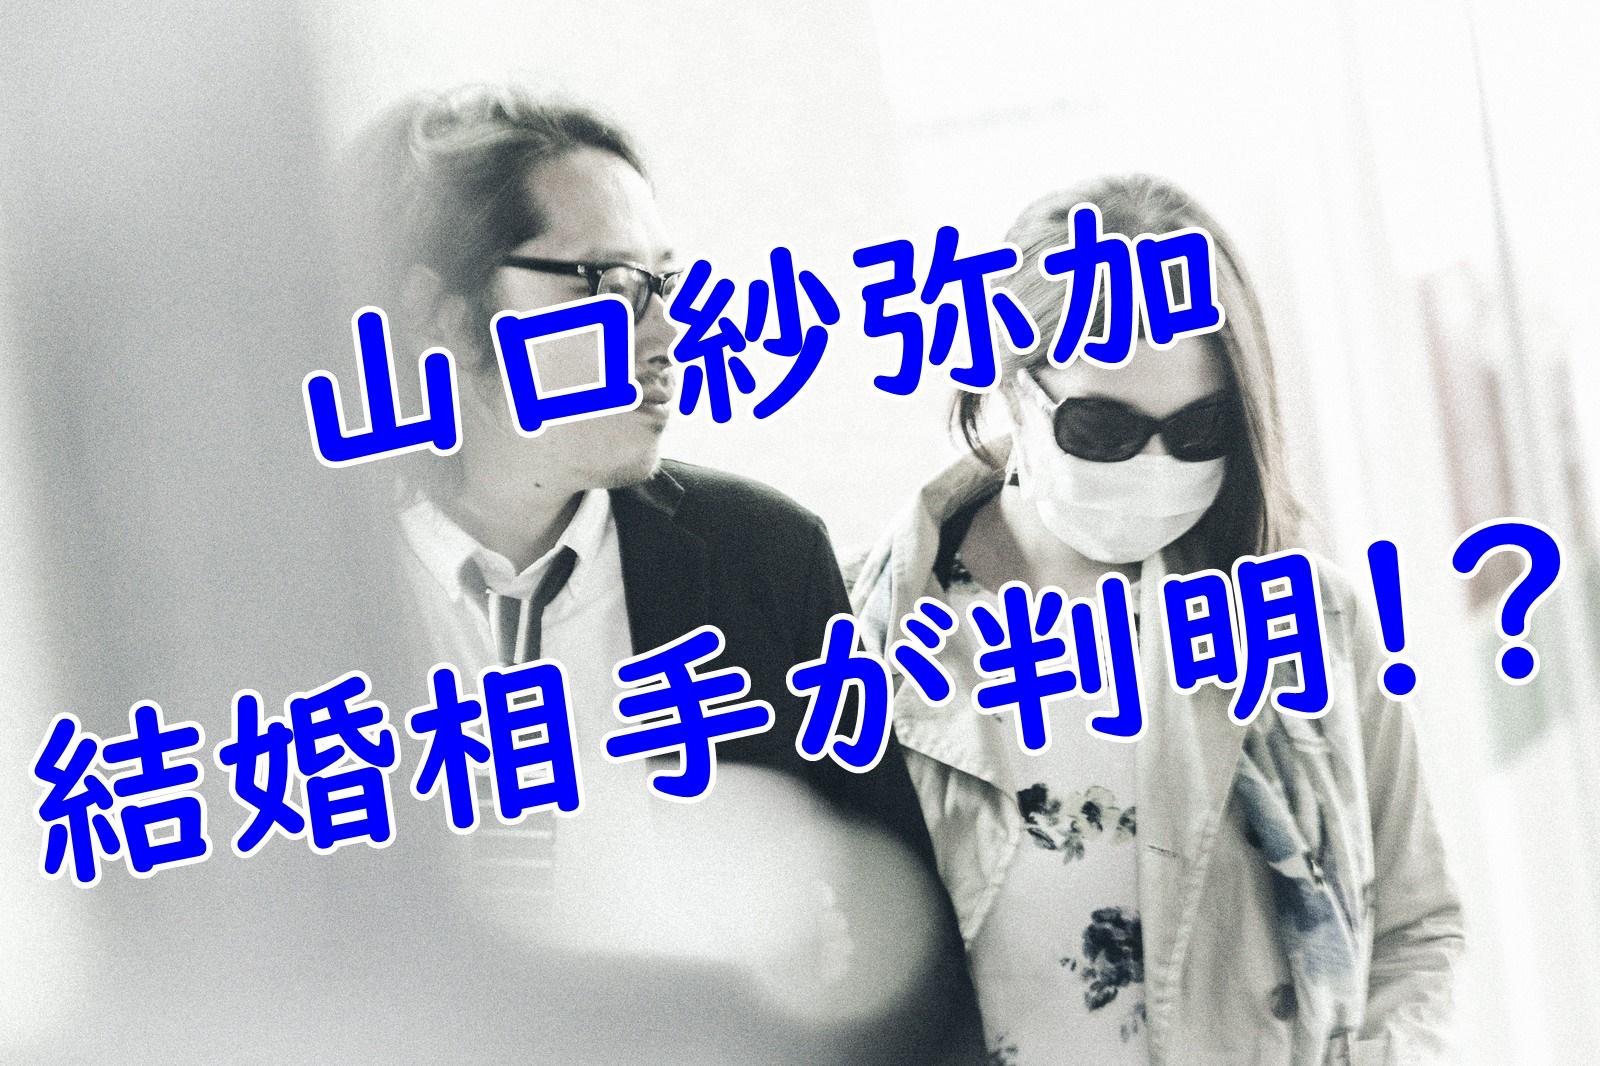 山口紗弥加の結婚相手が判明は本当!?